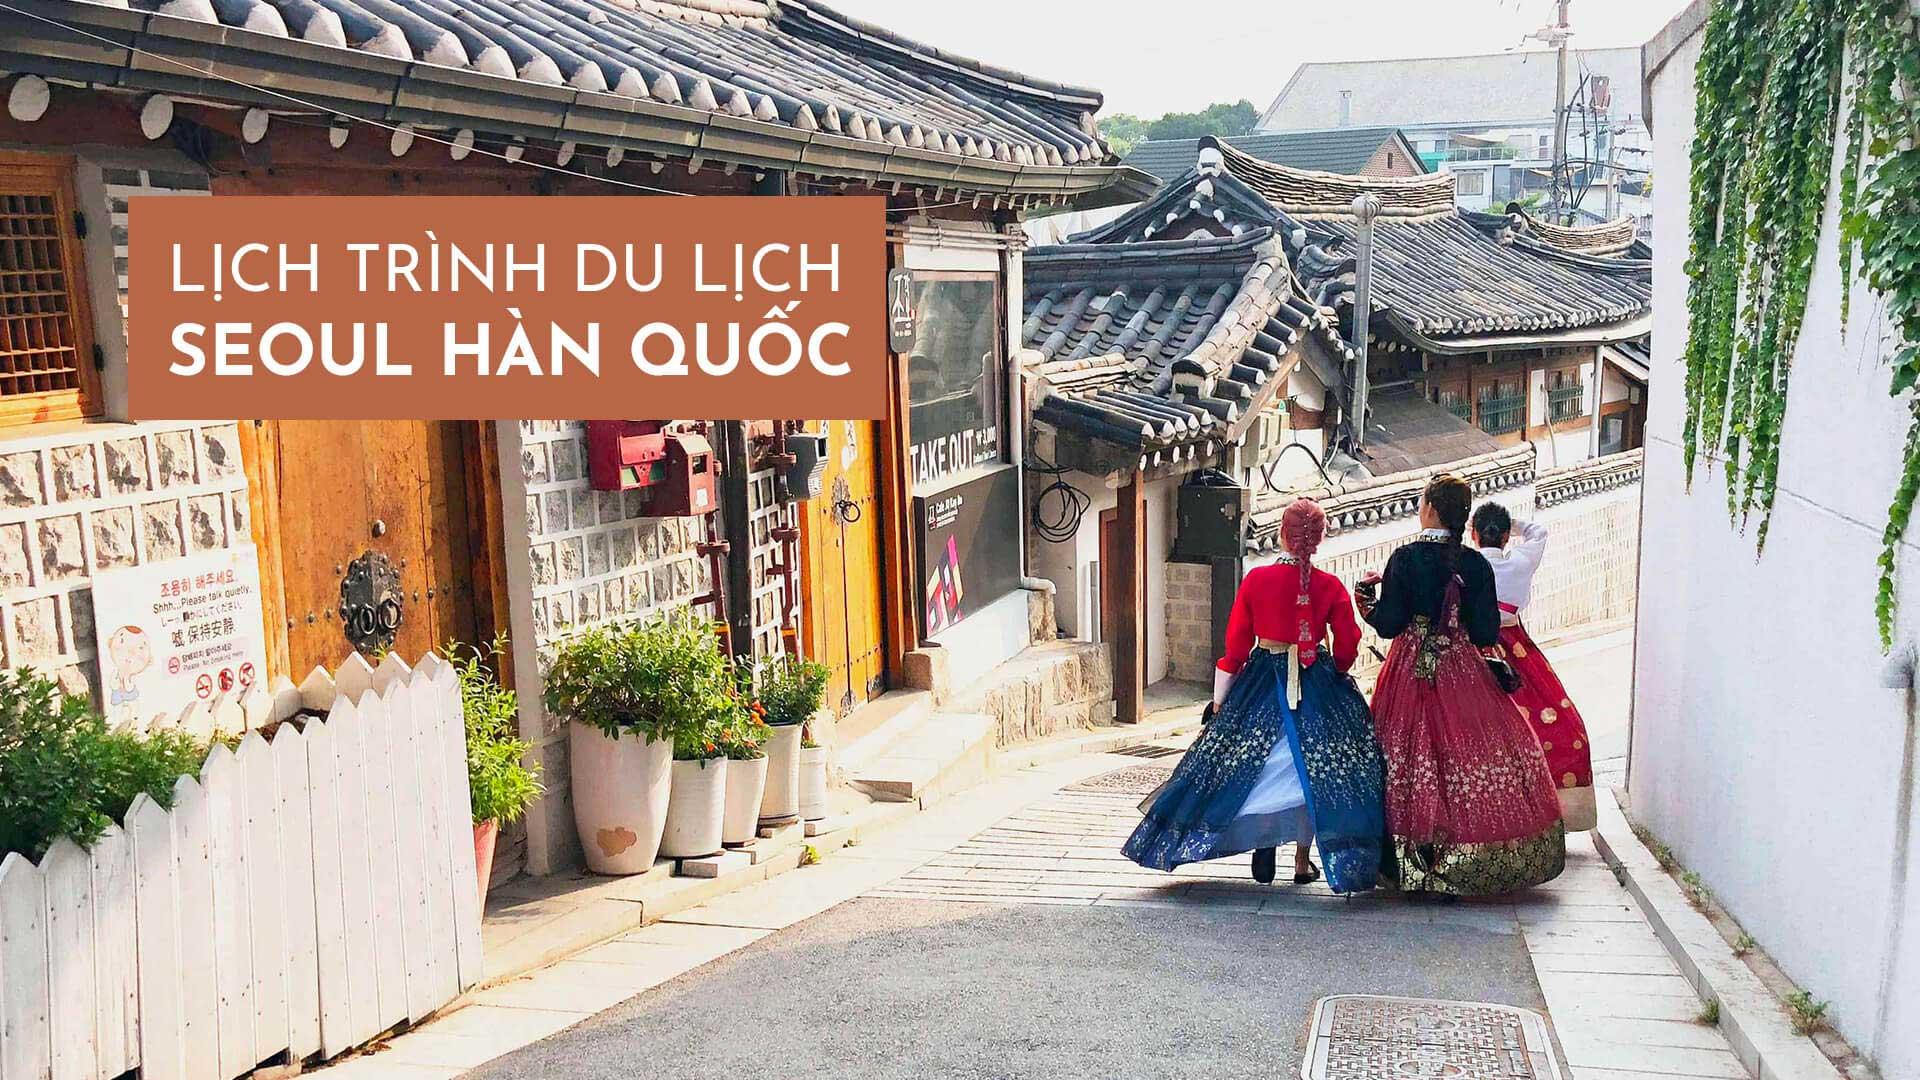 Gợi ý lịch trình du lịch Seoul Hàn Quốc đầy đủ nhất